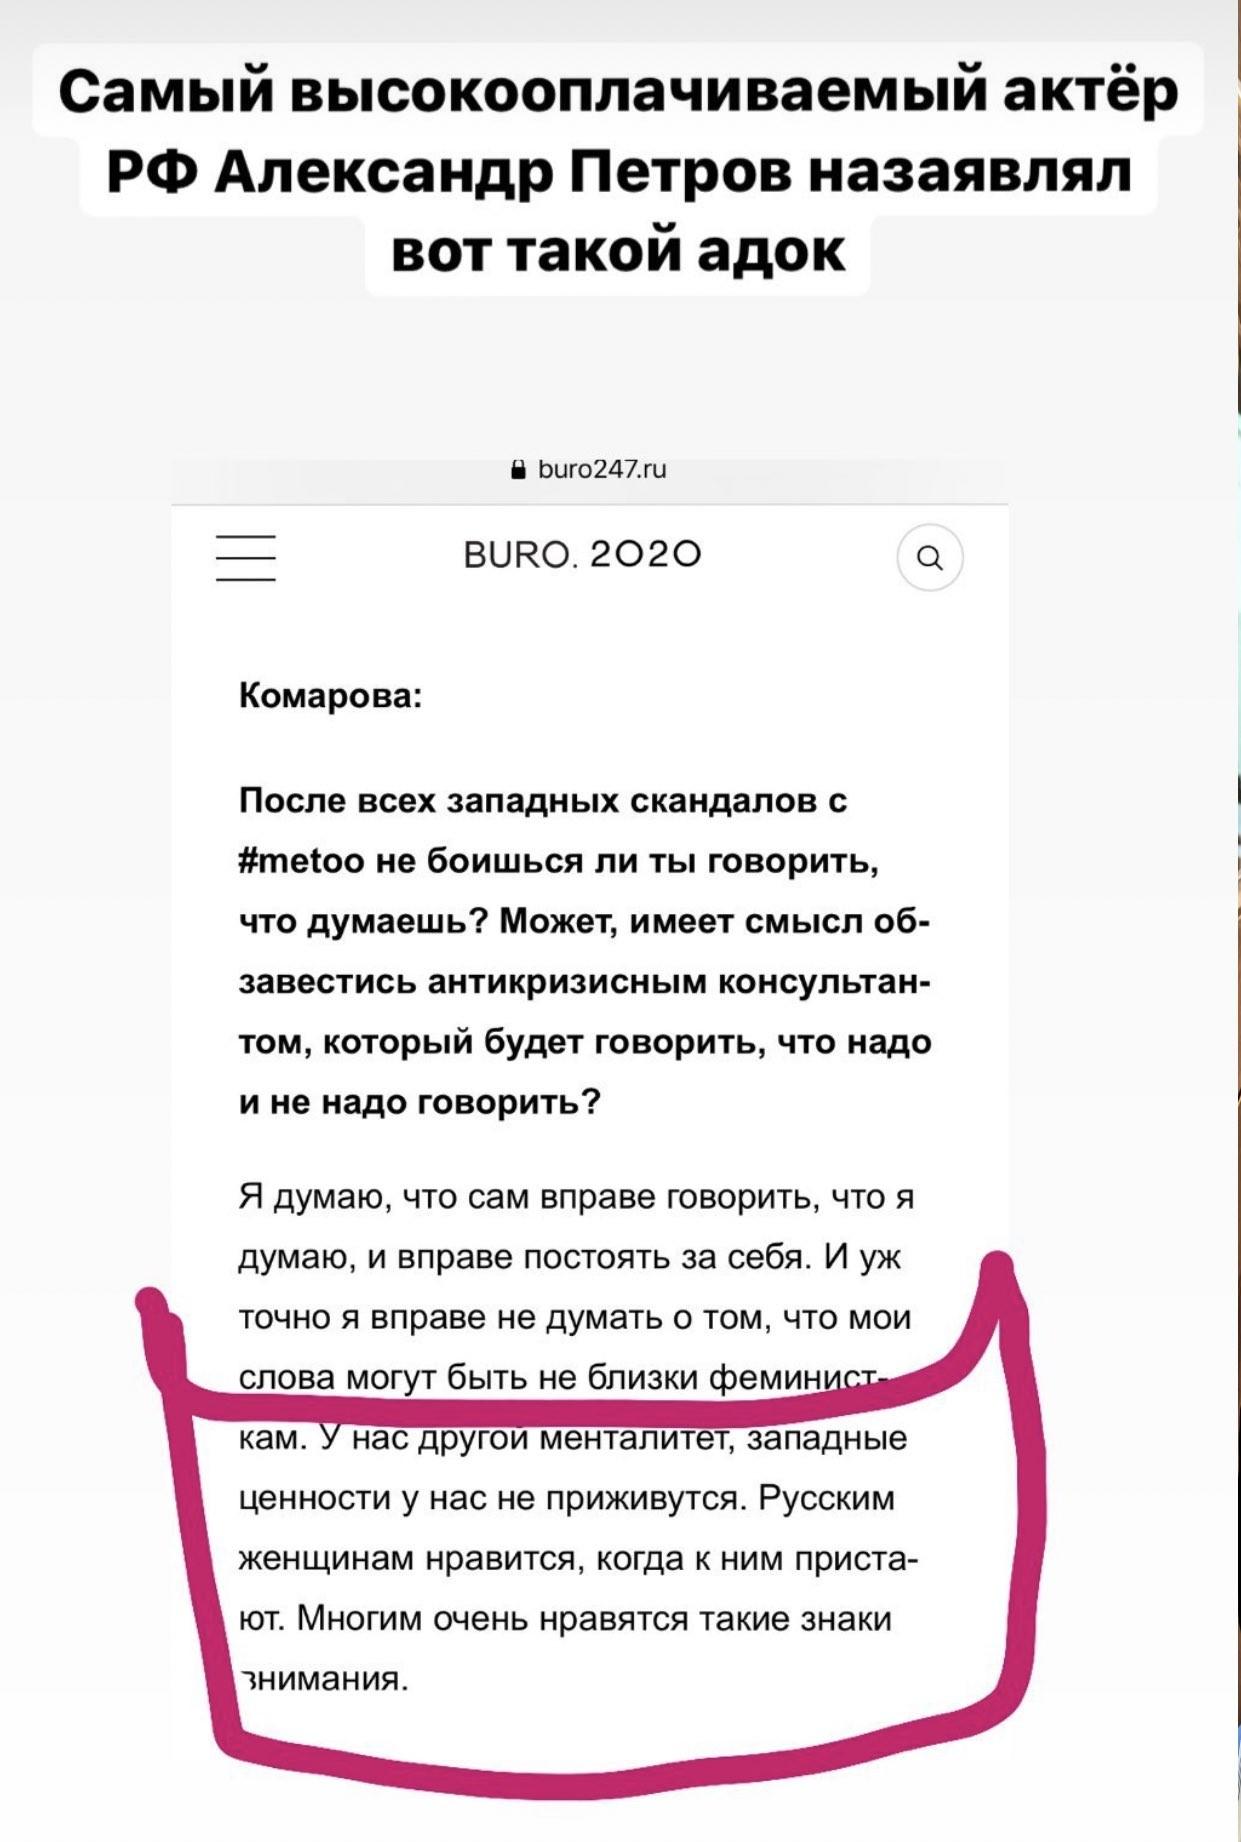 Александр Петров олюбви русских женщин кприставаниям - скандал: интервью для Buro 24/7